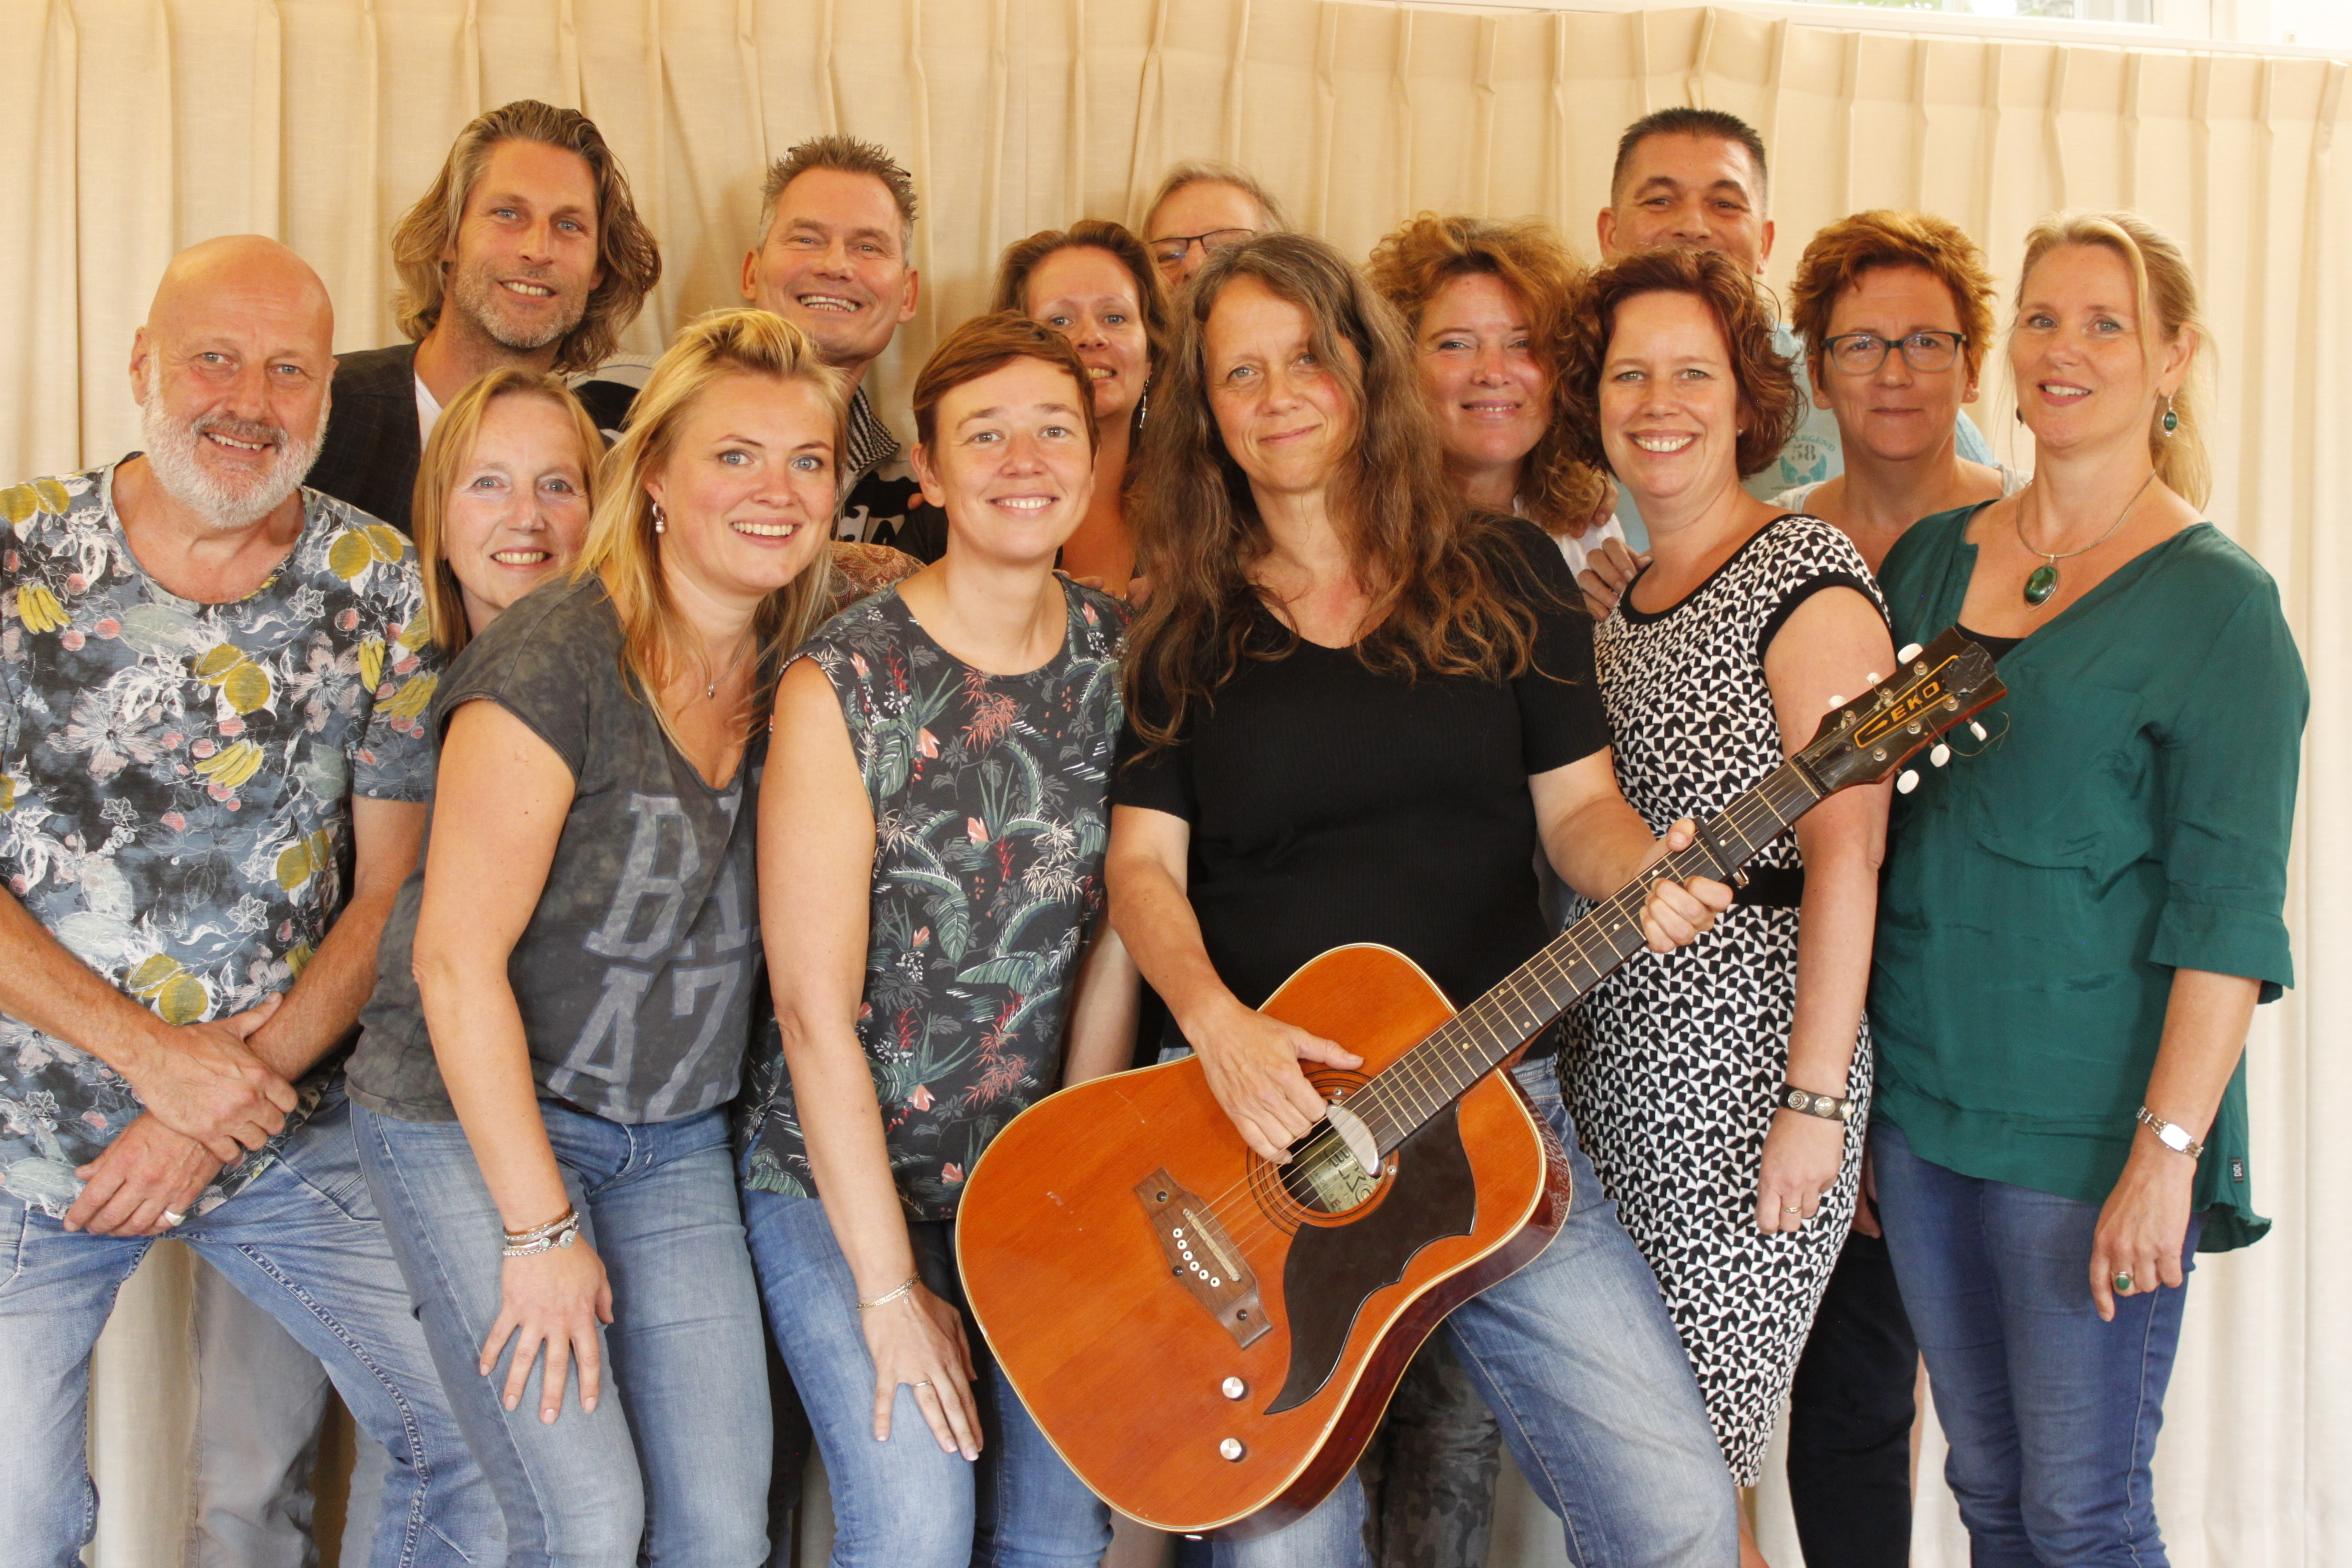 De deelnemers van De Volgspot #10 met uiterst links coach Klaas Visser en coach Ciska Ruitenberg op gitaar. (Foto: aangeleverd)